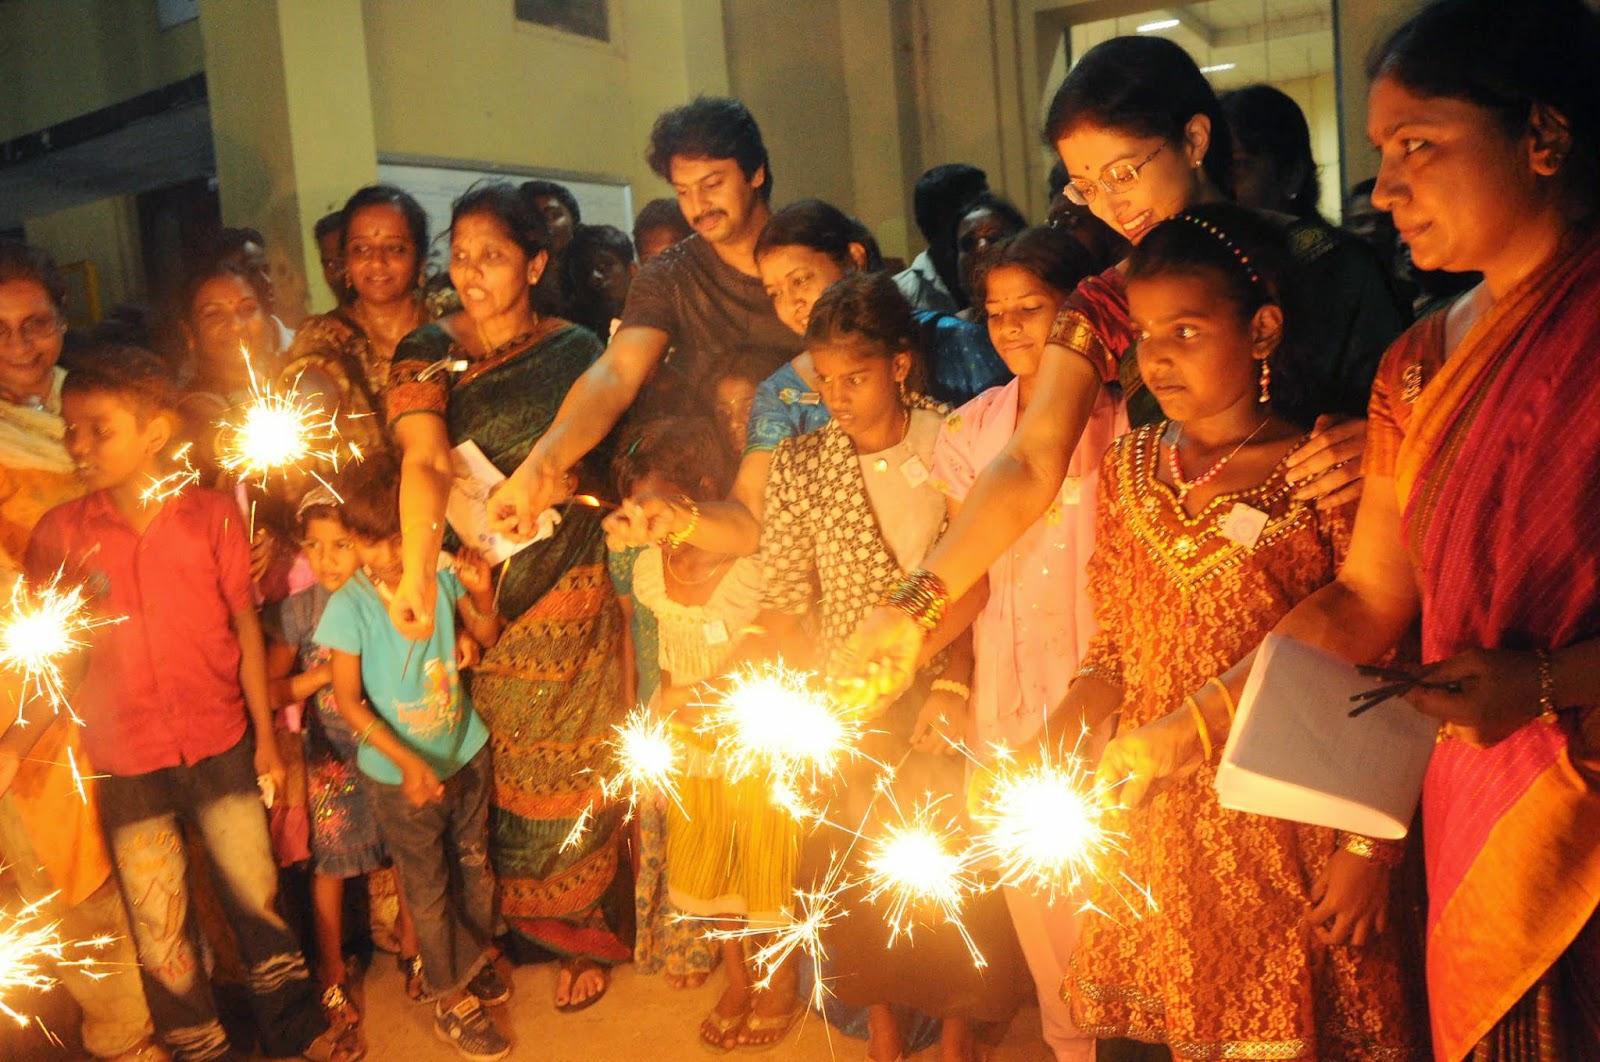 diwali celebration in india